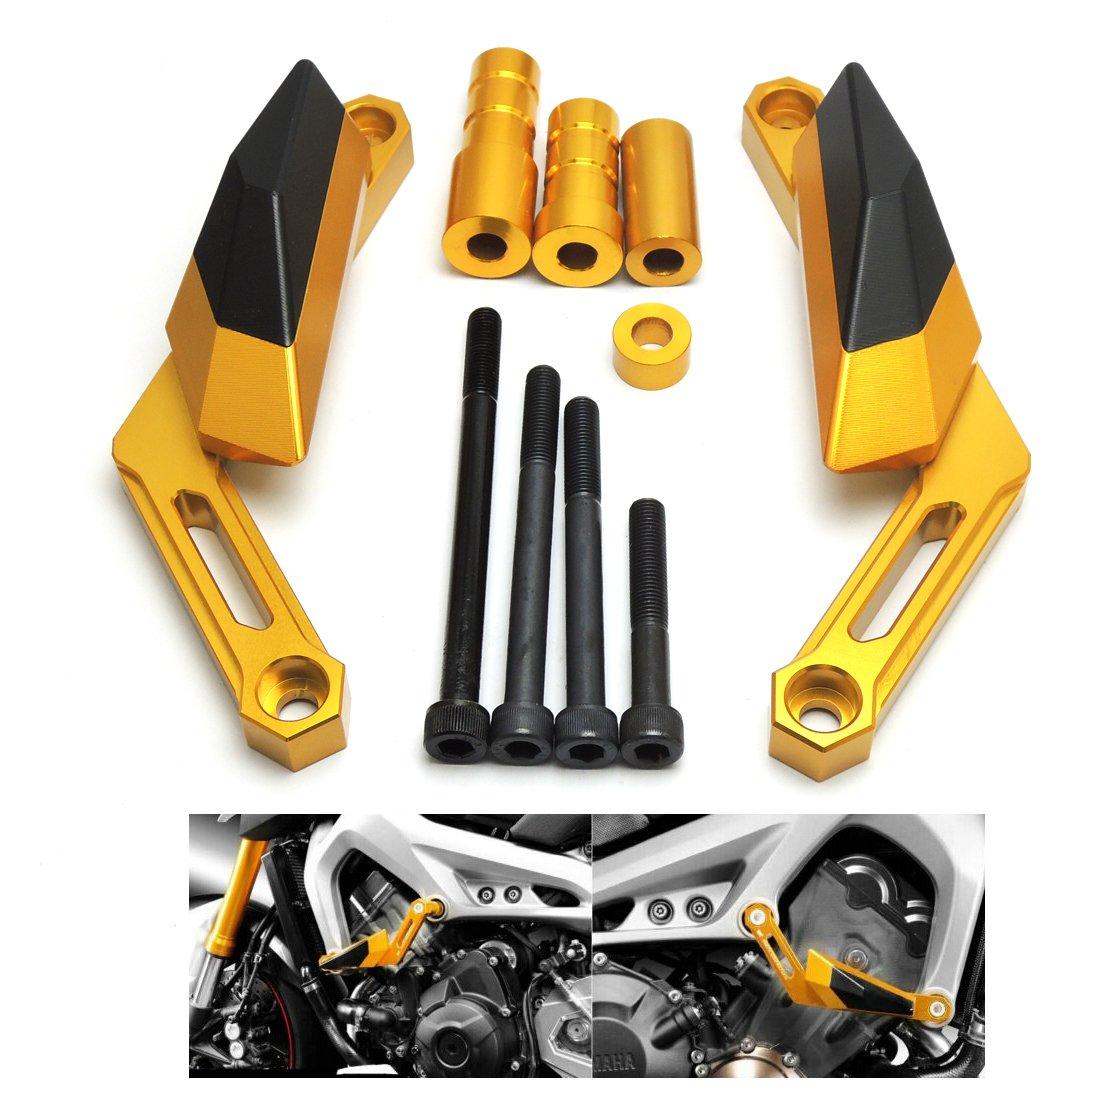 MT 09 Tamponi Paratelaio Protezioni Telaio Per MT-09 2013 to 2016 MT09 tracer 2014 to 2016 XSR900 2016